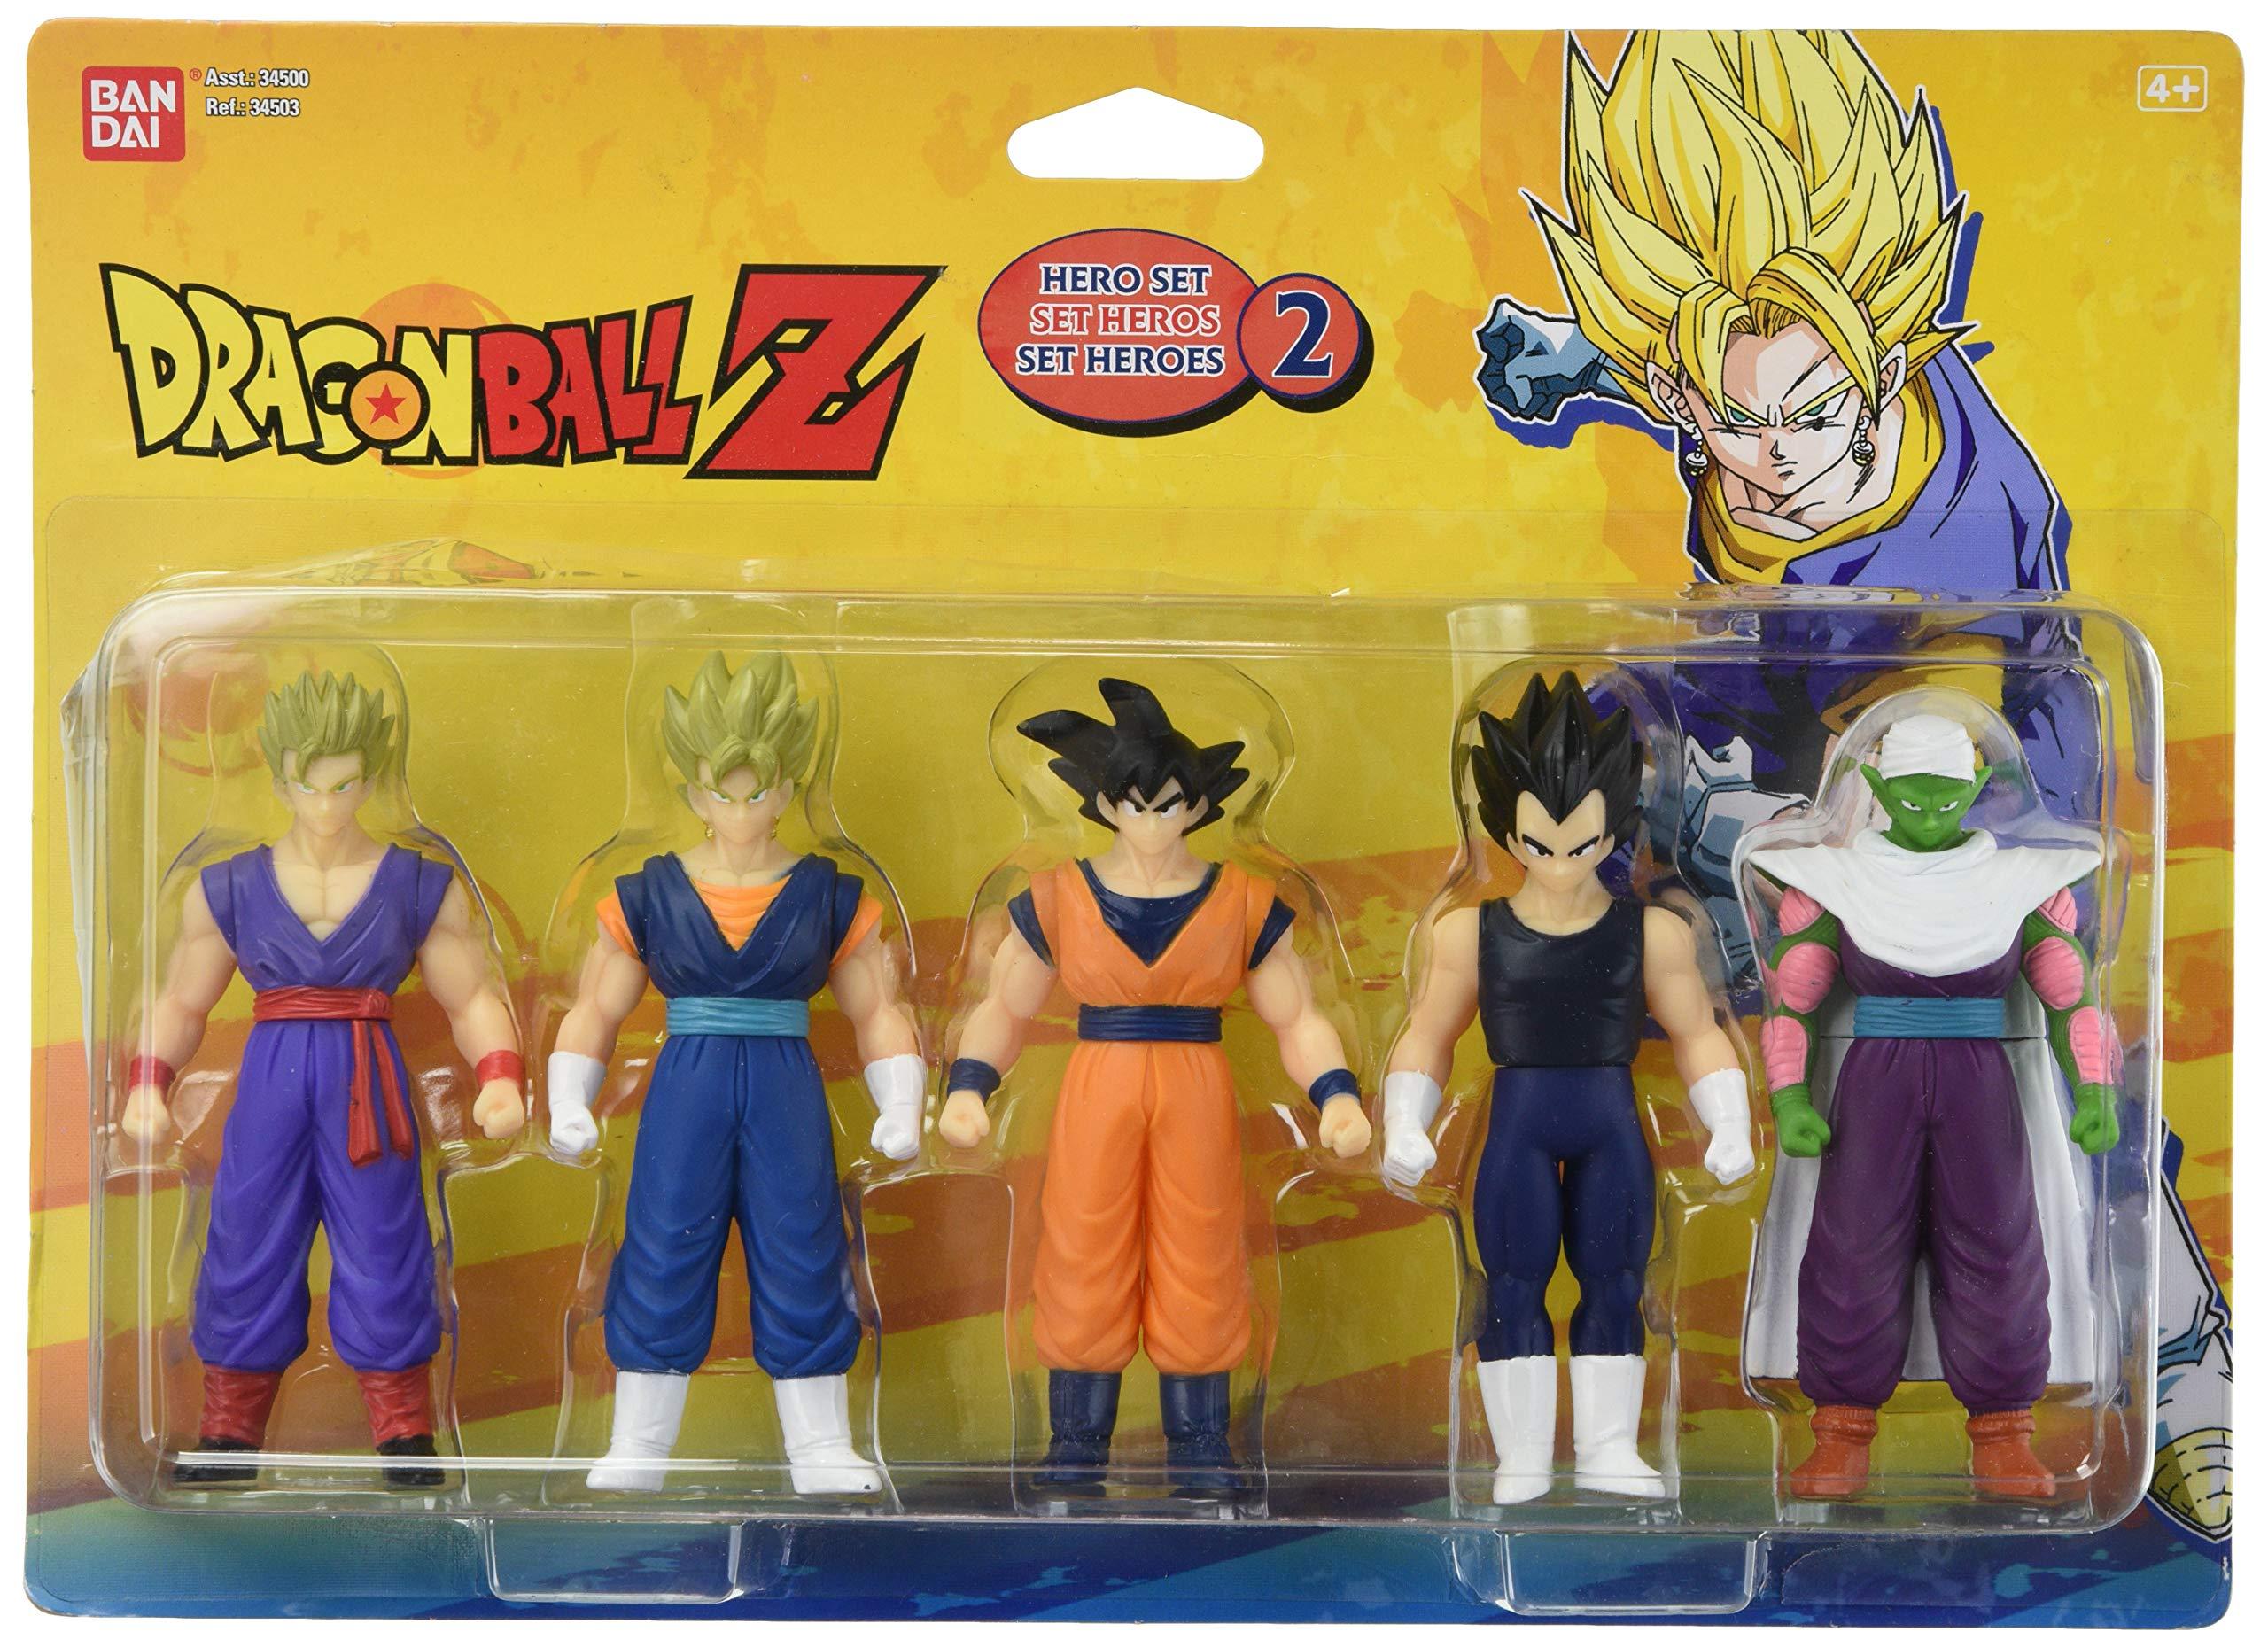 Bandai 34503 - Dragon Ball Z, pack de 5 figuras (héroes), modelos ...